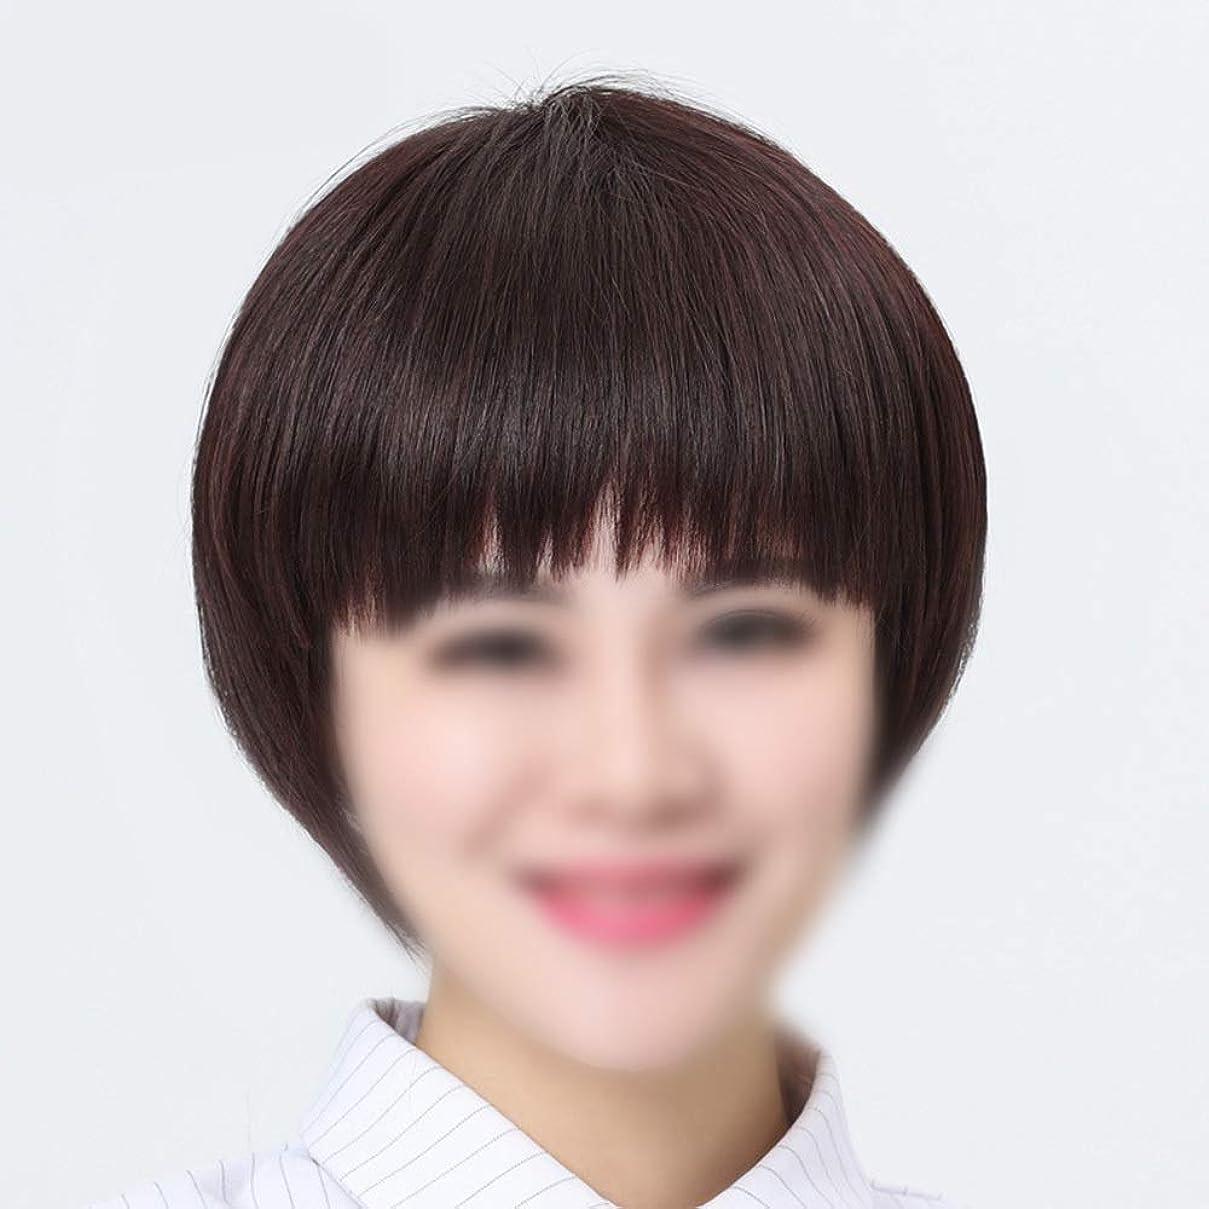 寮メカニック学期YESONEEP 女性の短いストレートヘア中年のかつら本物の髪の女性の母親の髪かつらパーティーのかつら (色 : Natural black, サイズ : Mechanism)